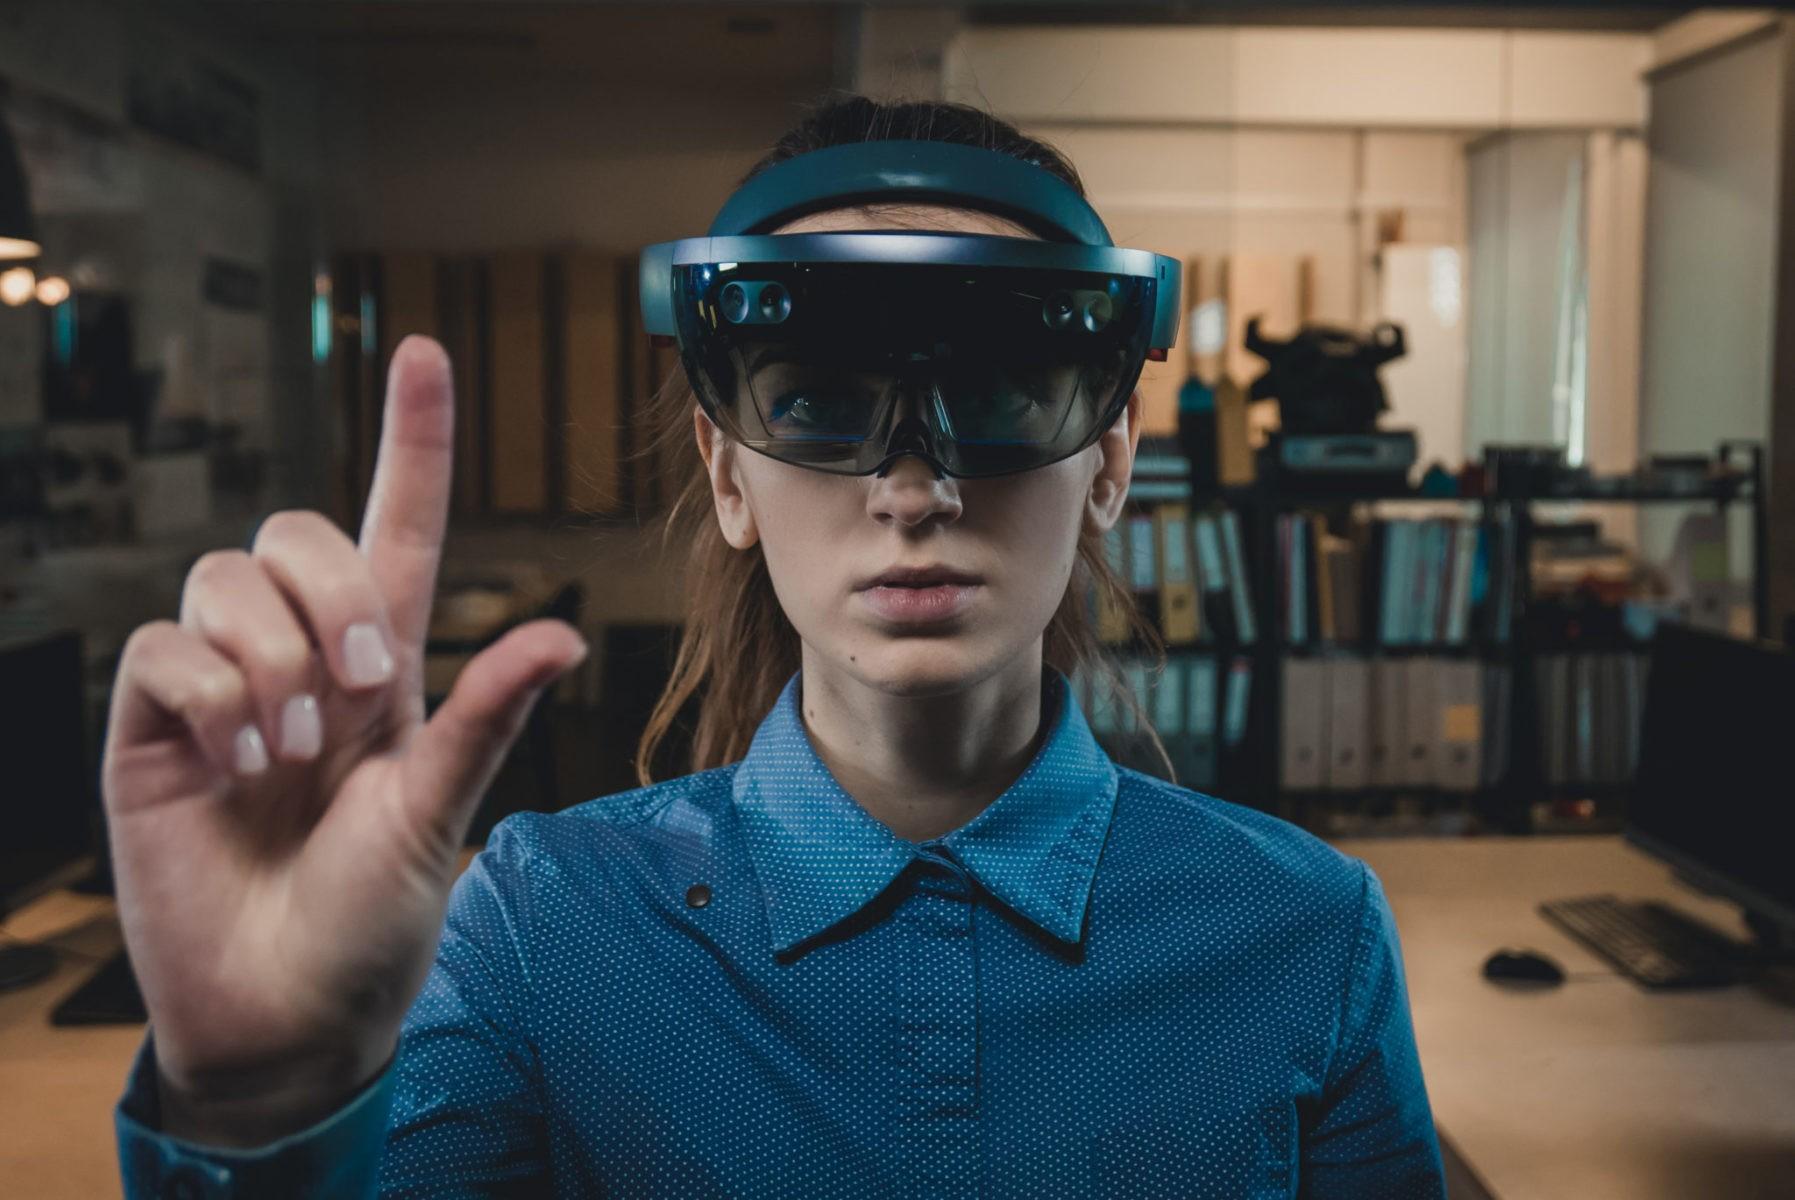 HoloLens 2 La realtà mista è pronta per il business